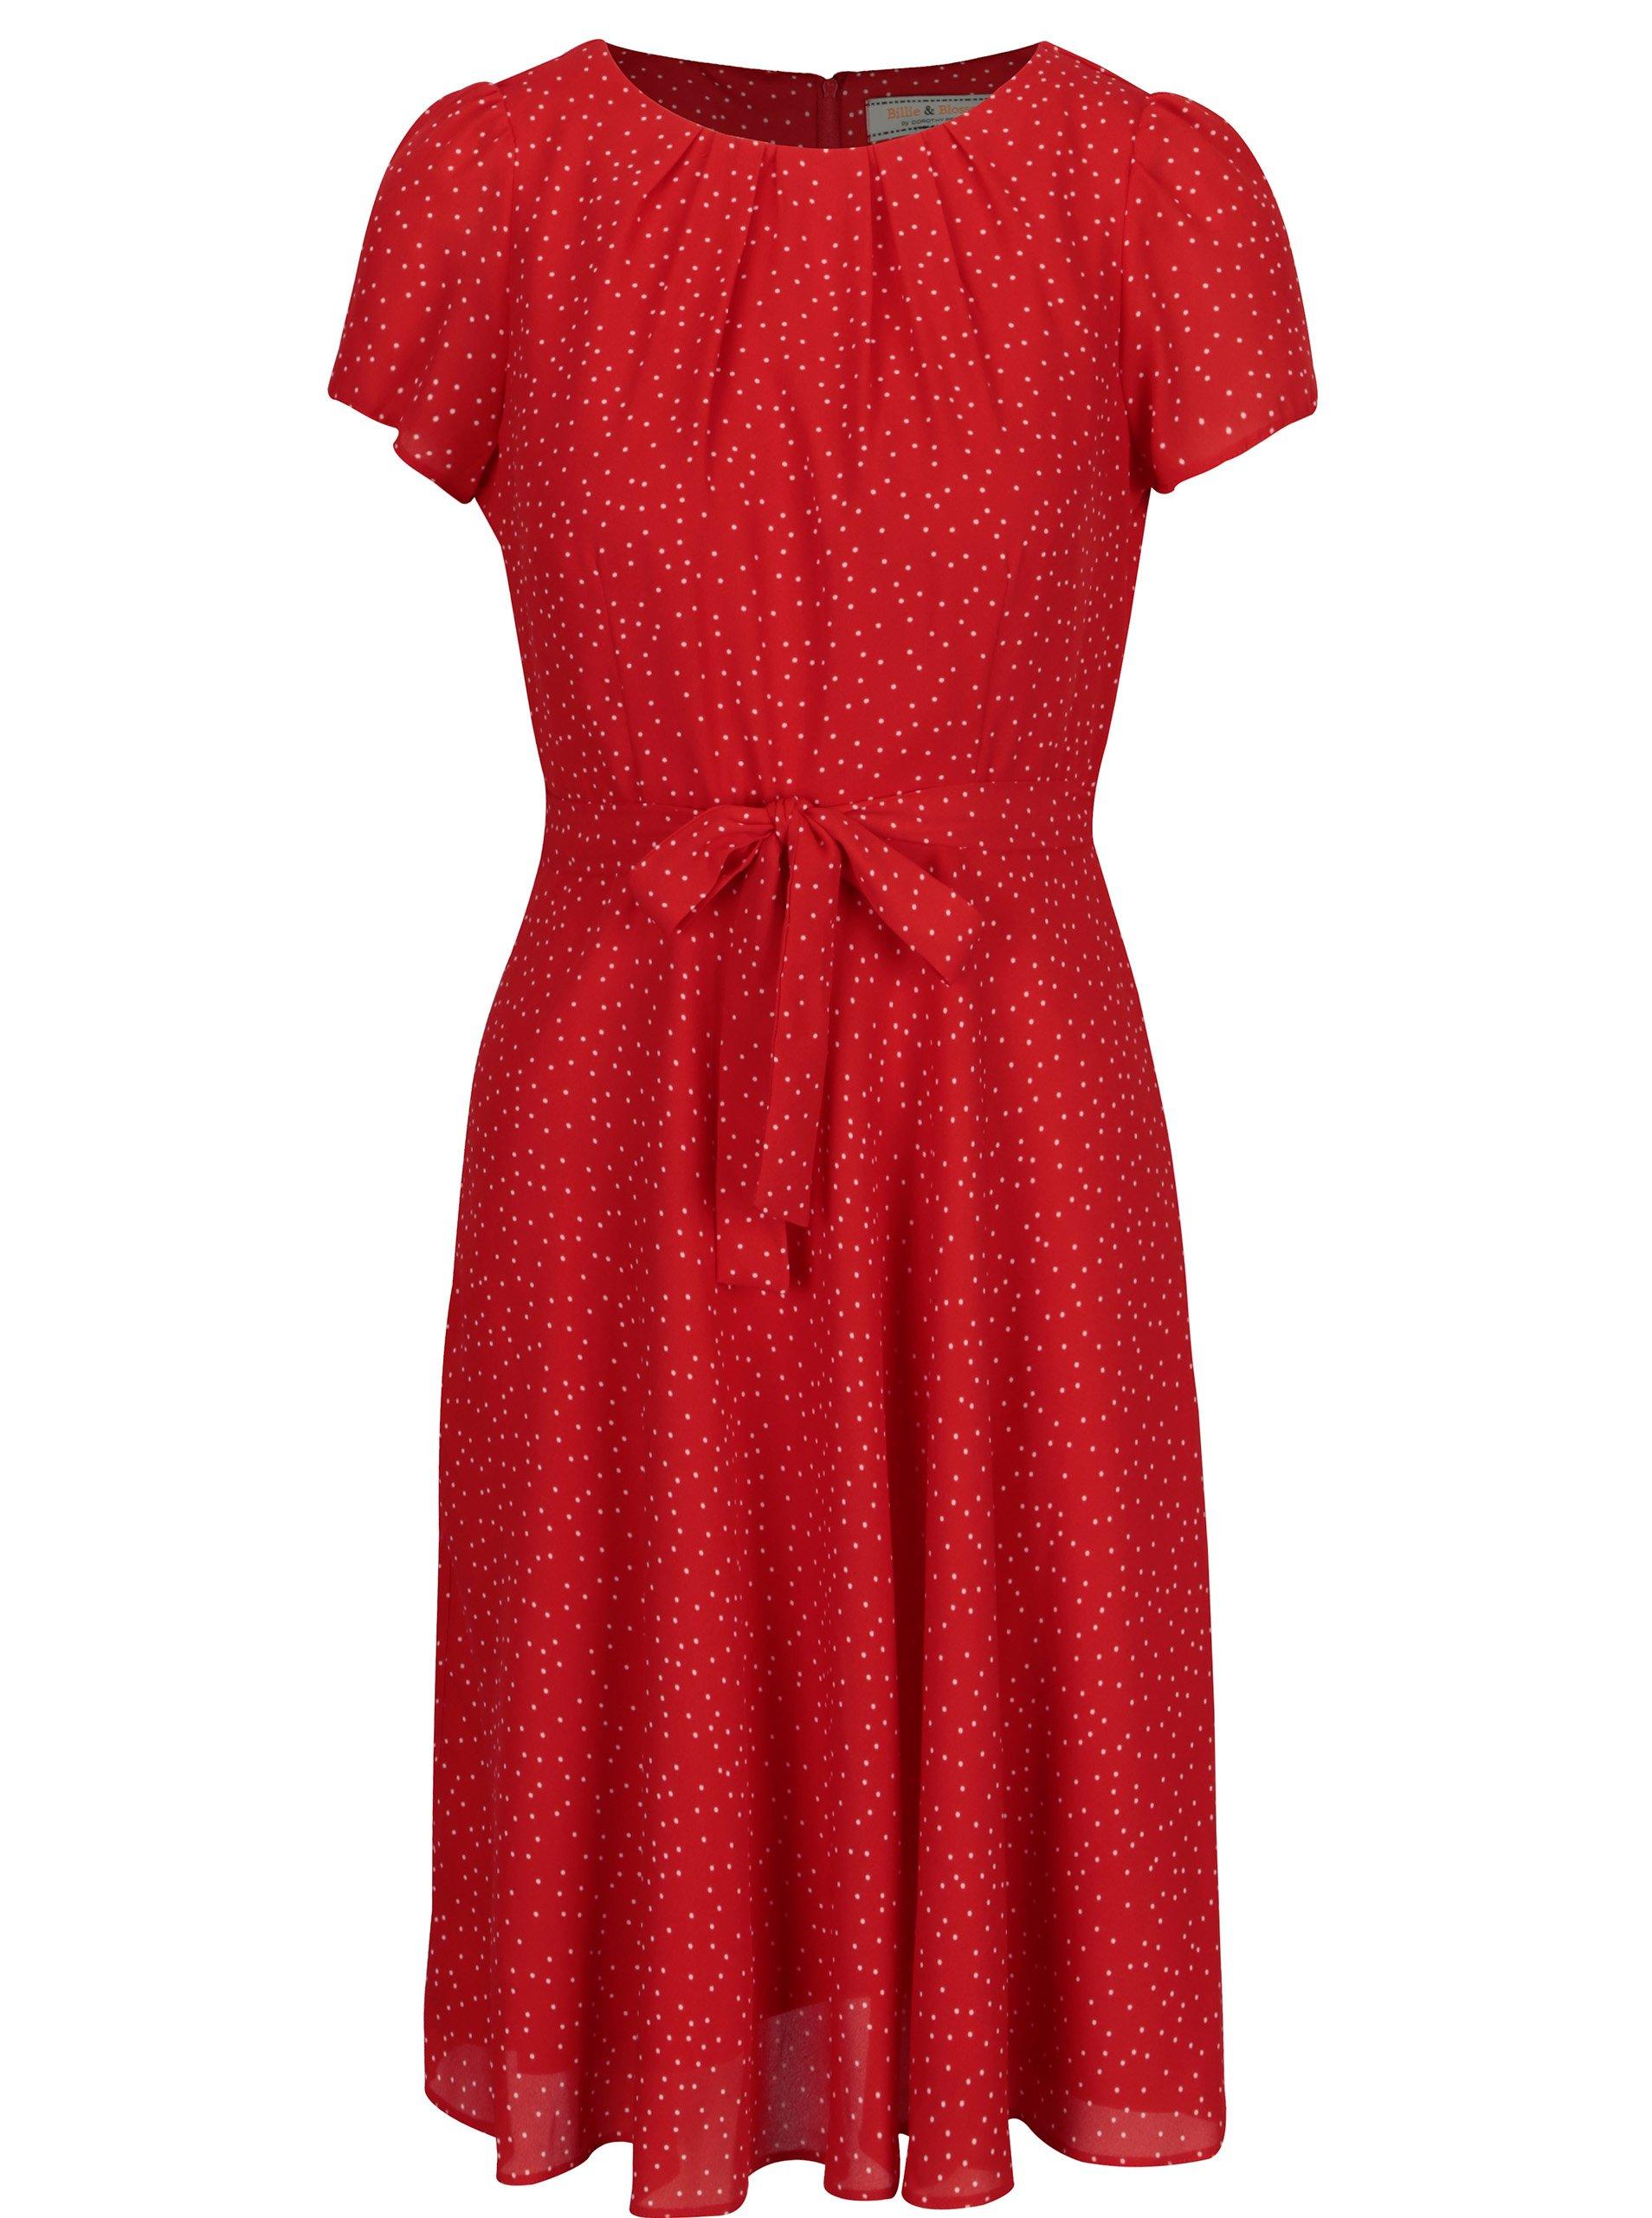 Červené puntíkované šaty Billie & Blossom